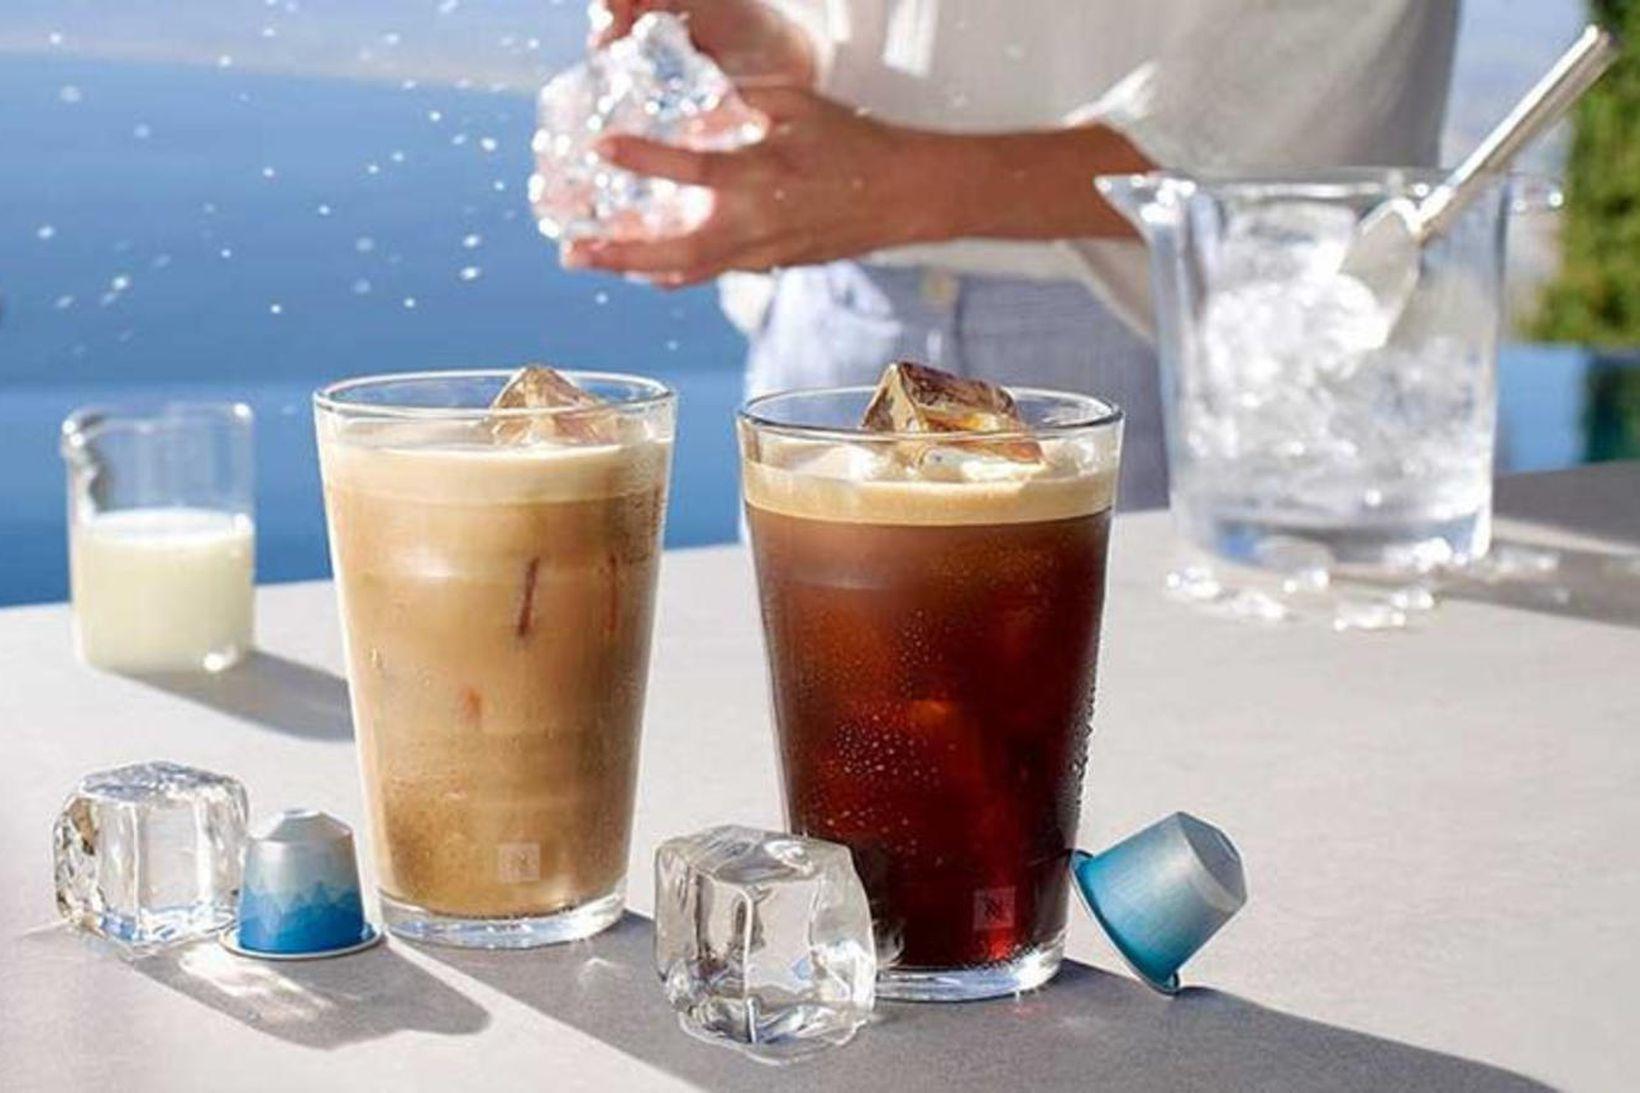 Ískaffi er nú fáanlegt frá Nespresso.